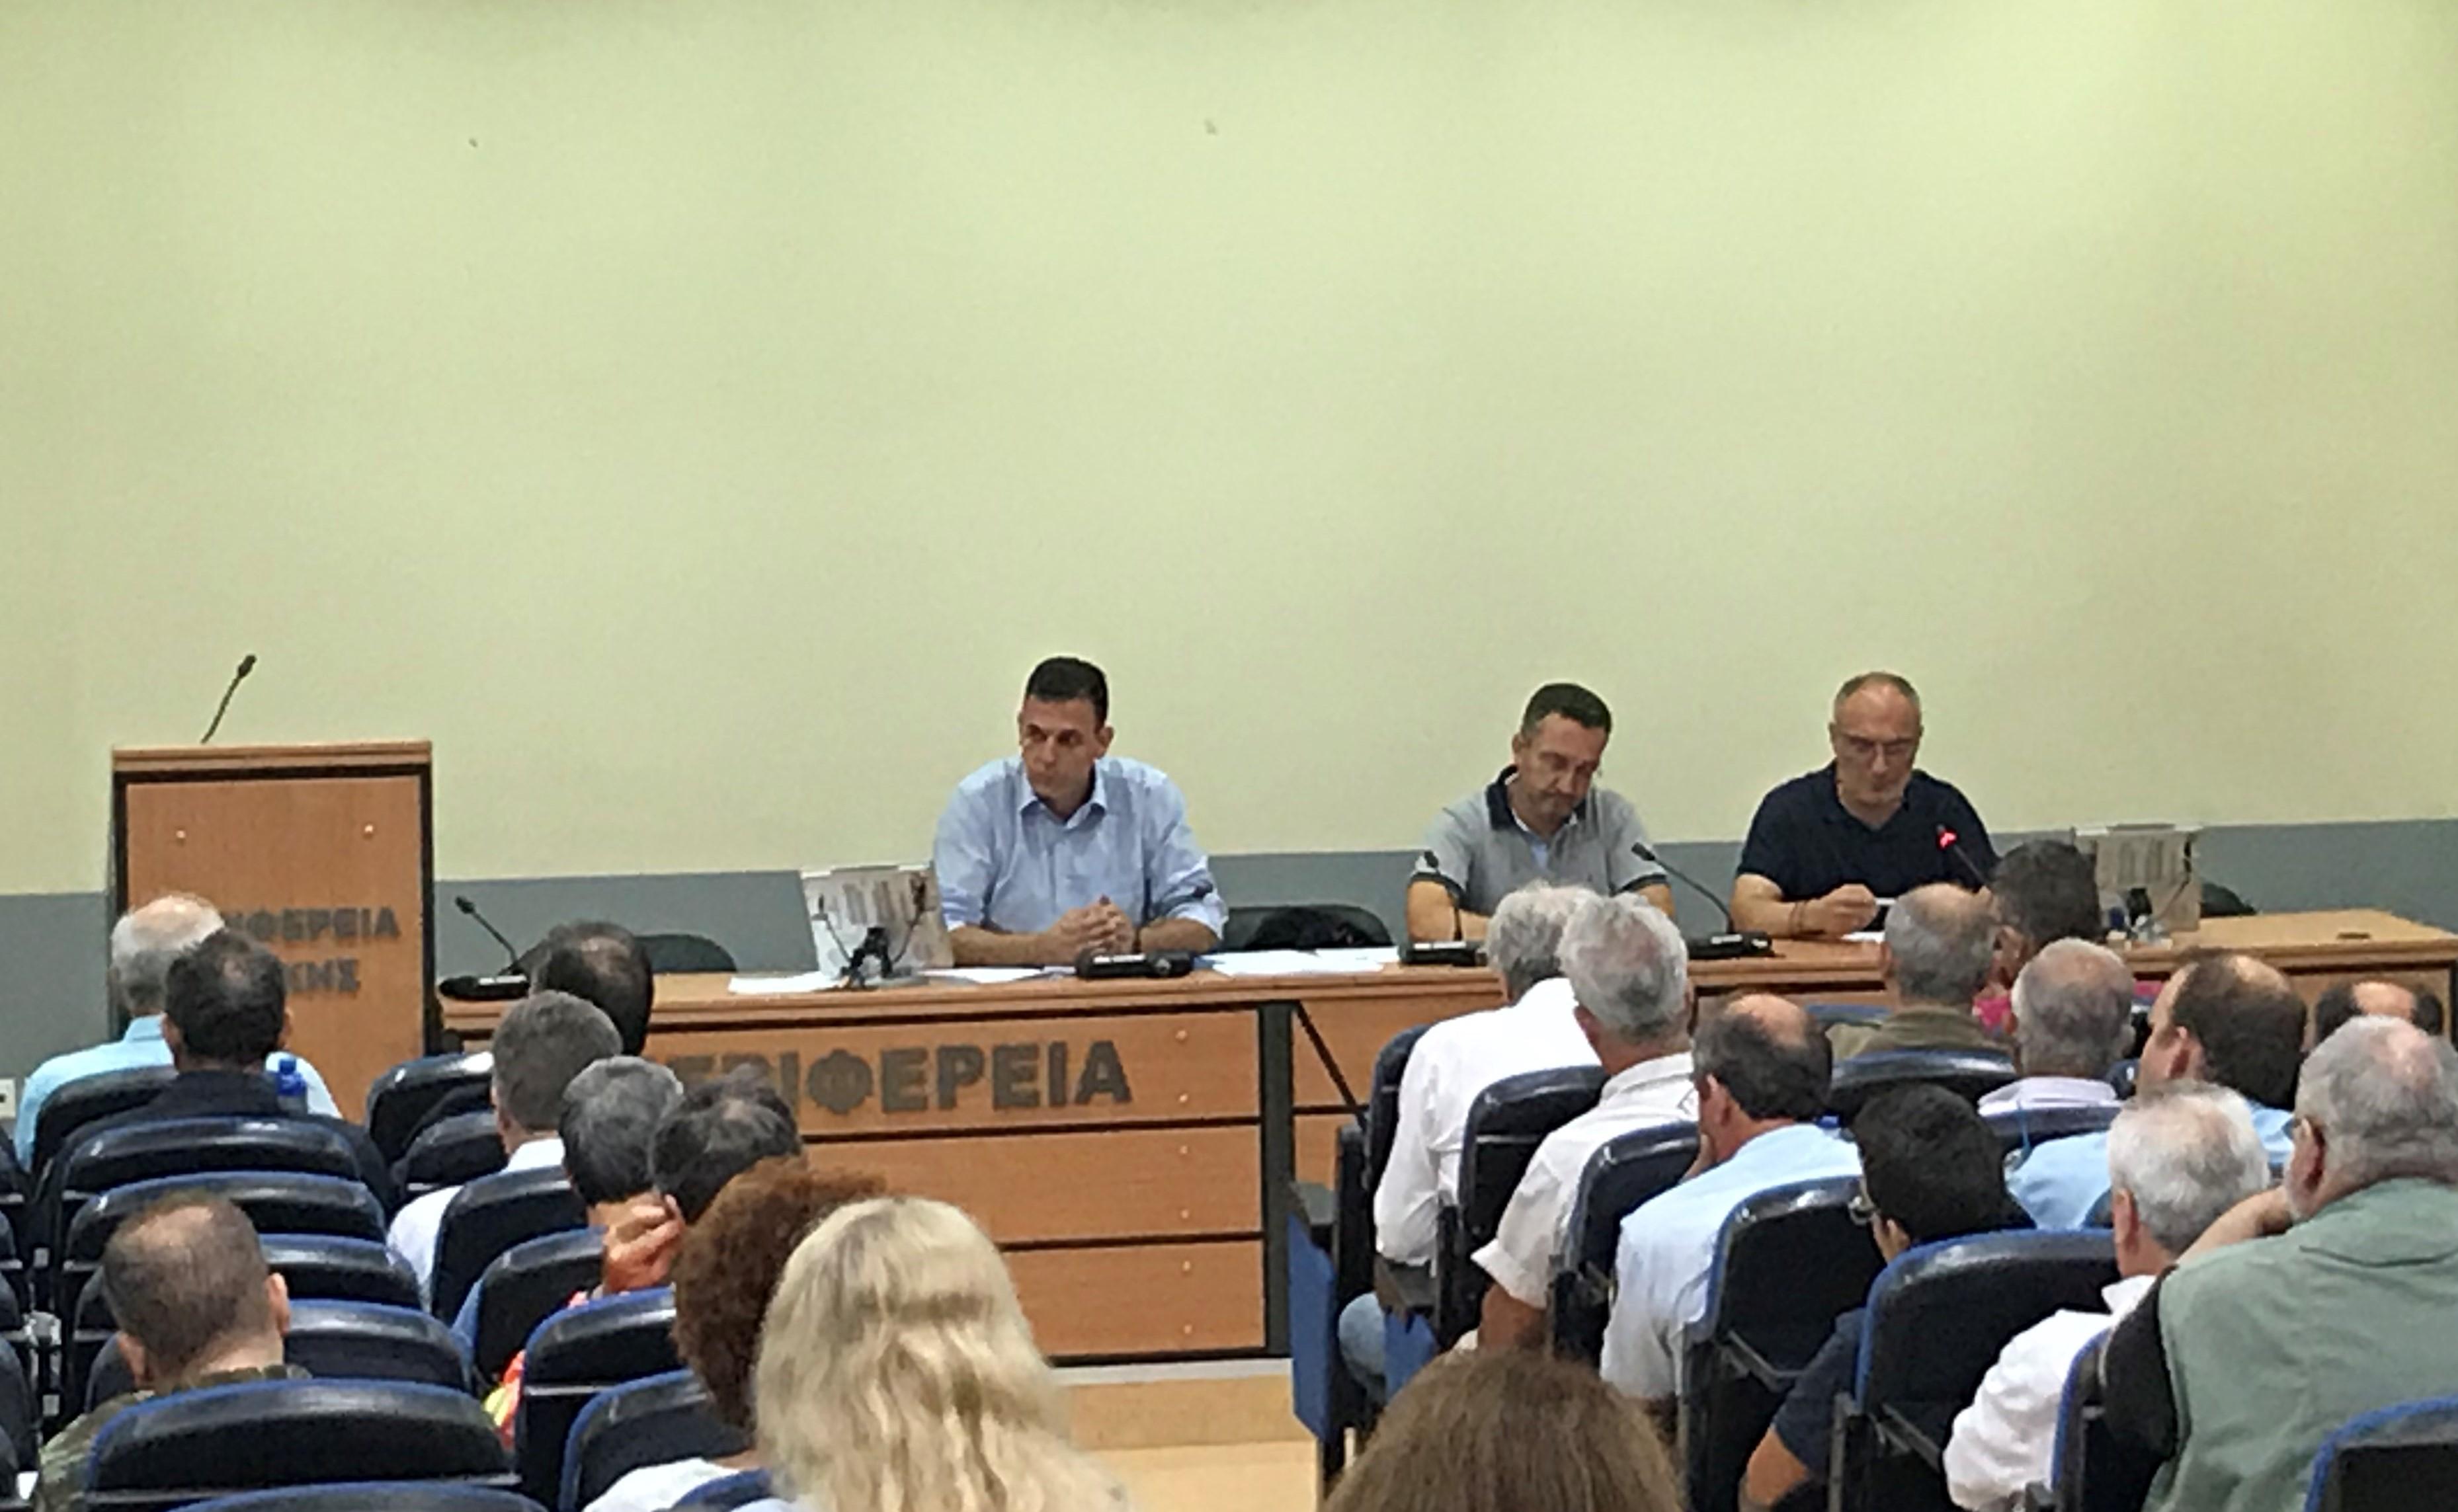 Βόρειος Τομέας Αθηνών: «Λειτούργησε η έγκαιρη προειδοποίηση στους κατοίκους- Σοβαρά προβλήματα από την επιβάρυνση των ρεμάτων Ποδονίφτη Σαπφούς, Φιλοθέης και κ.ά»